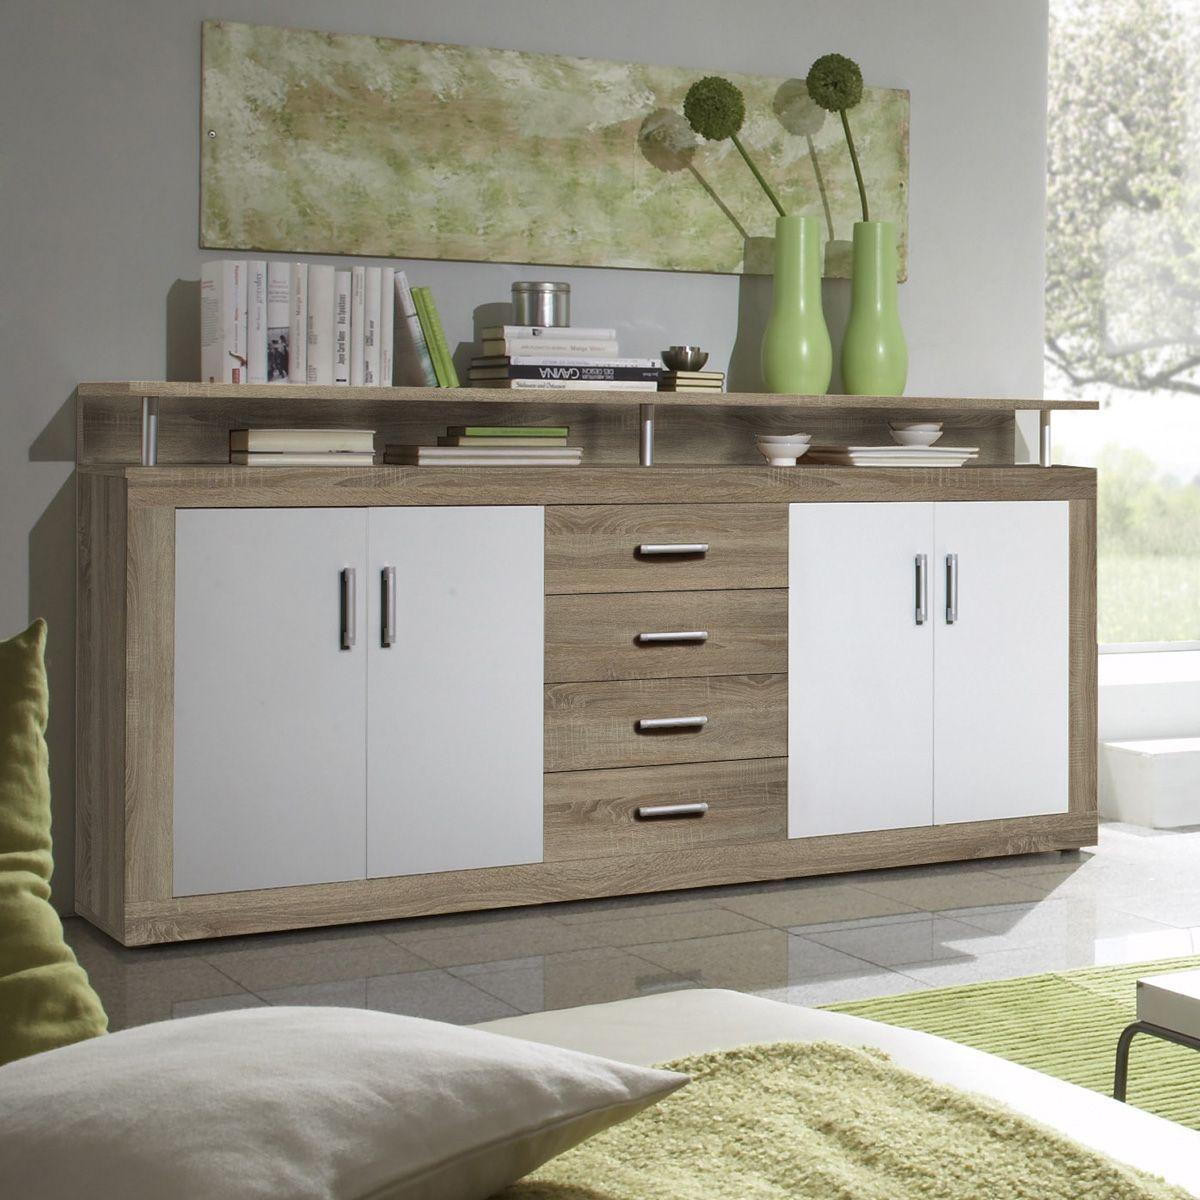 Full Size of Wohnzimmer Kommode Weiß Sideboard Juno Wohnzimmer Kommode Sonoma Eiche Und Weiß Inspirierend Wohnzimmer Wohnzimmer Kommode